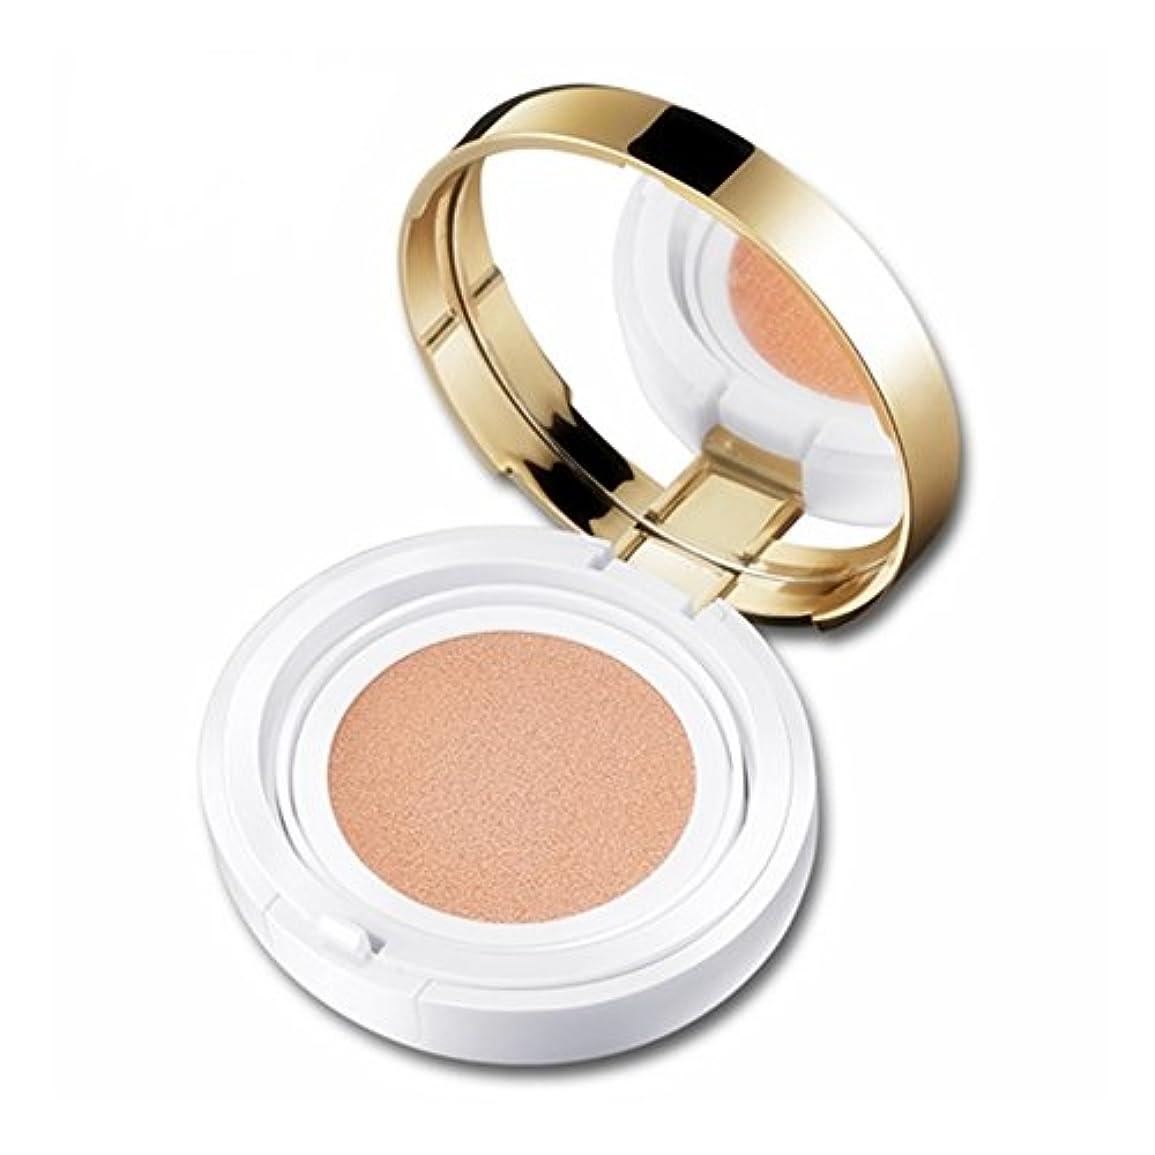 無実スポーツの試合を担当している人家庭Flawless Makeup Air Cushion BB Cream Moisturizing Natural Tone Bare Makeup Concealer Primer Color Foundation Cosmetics...